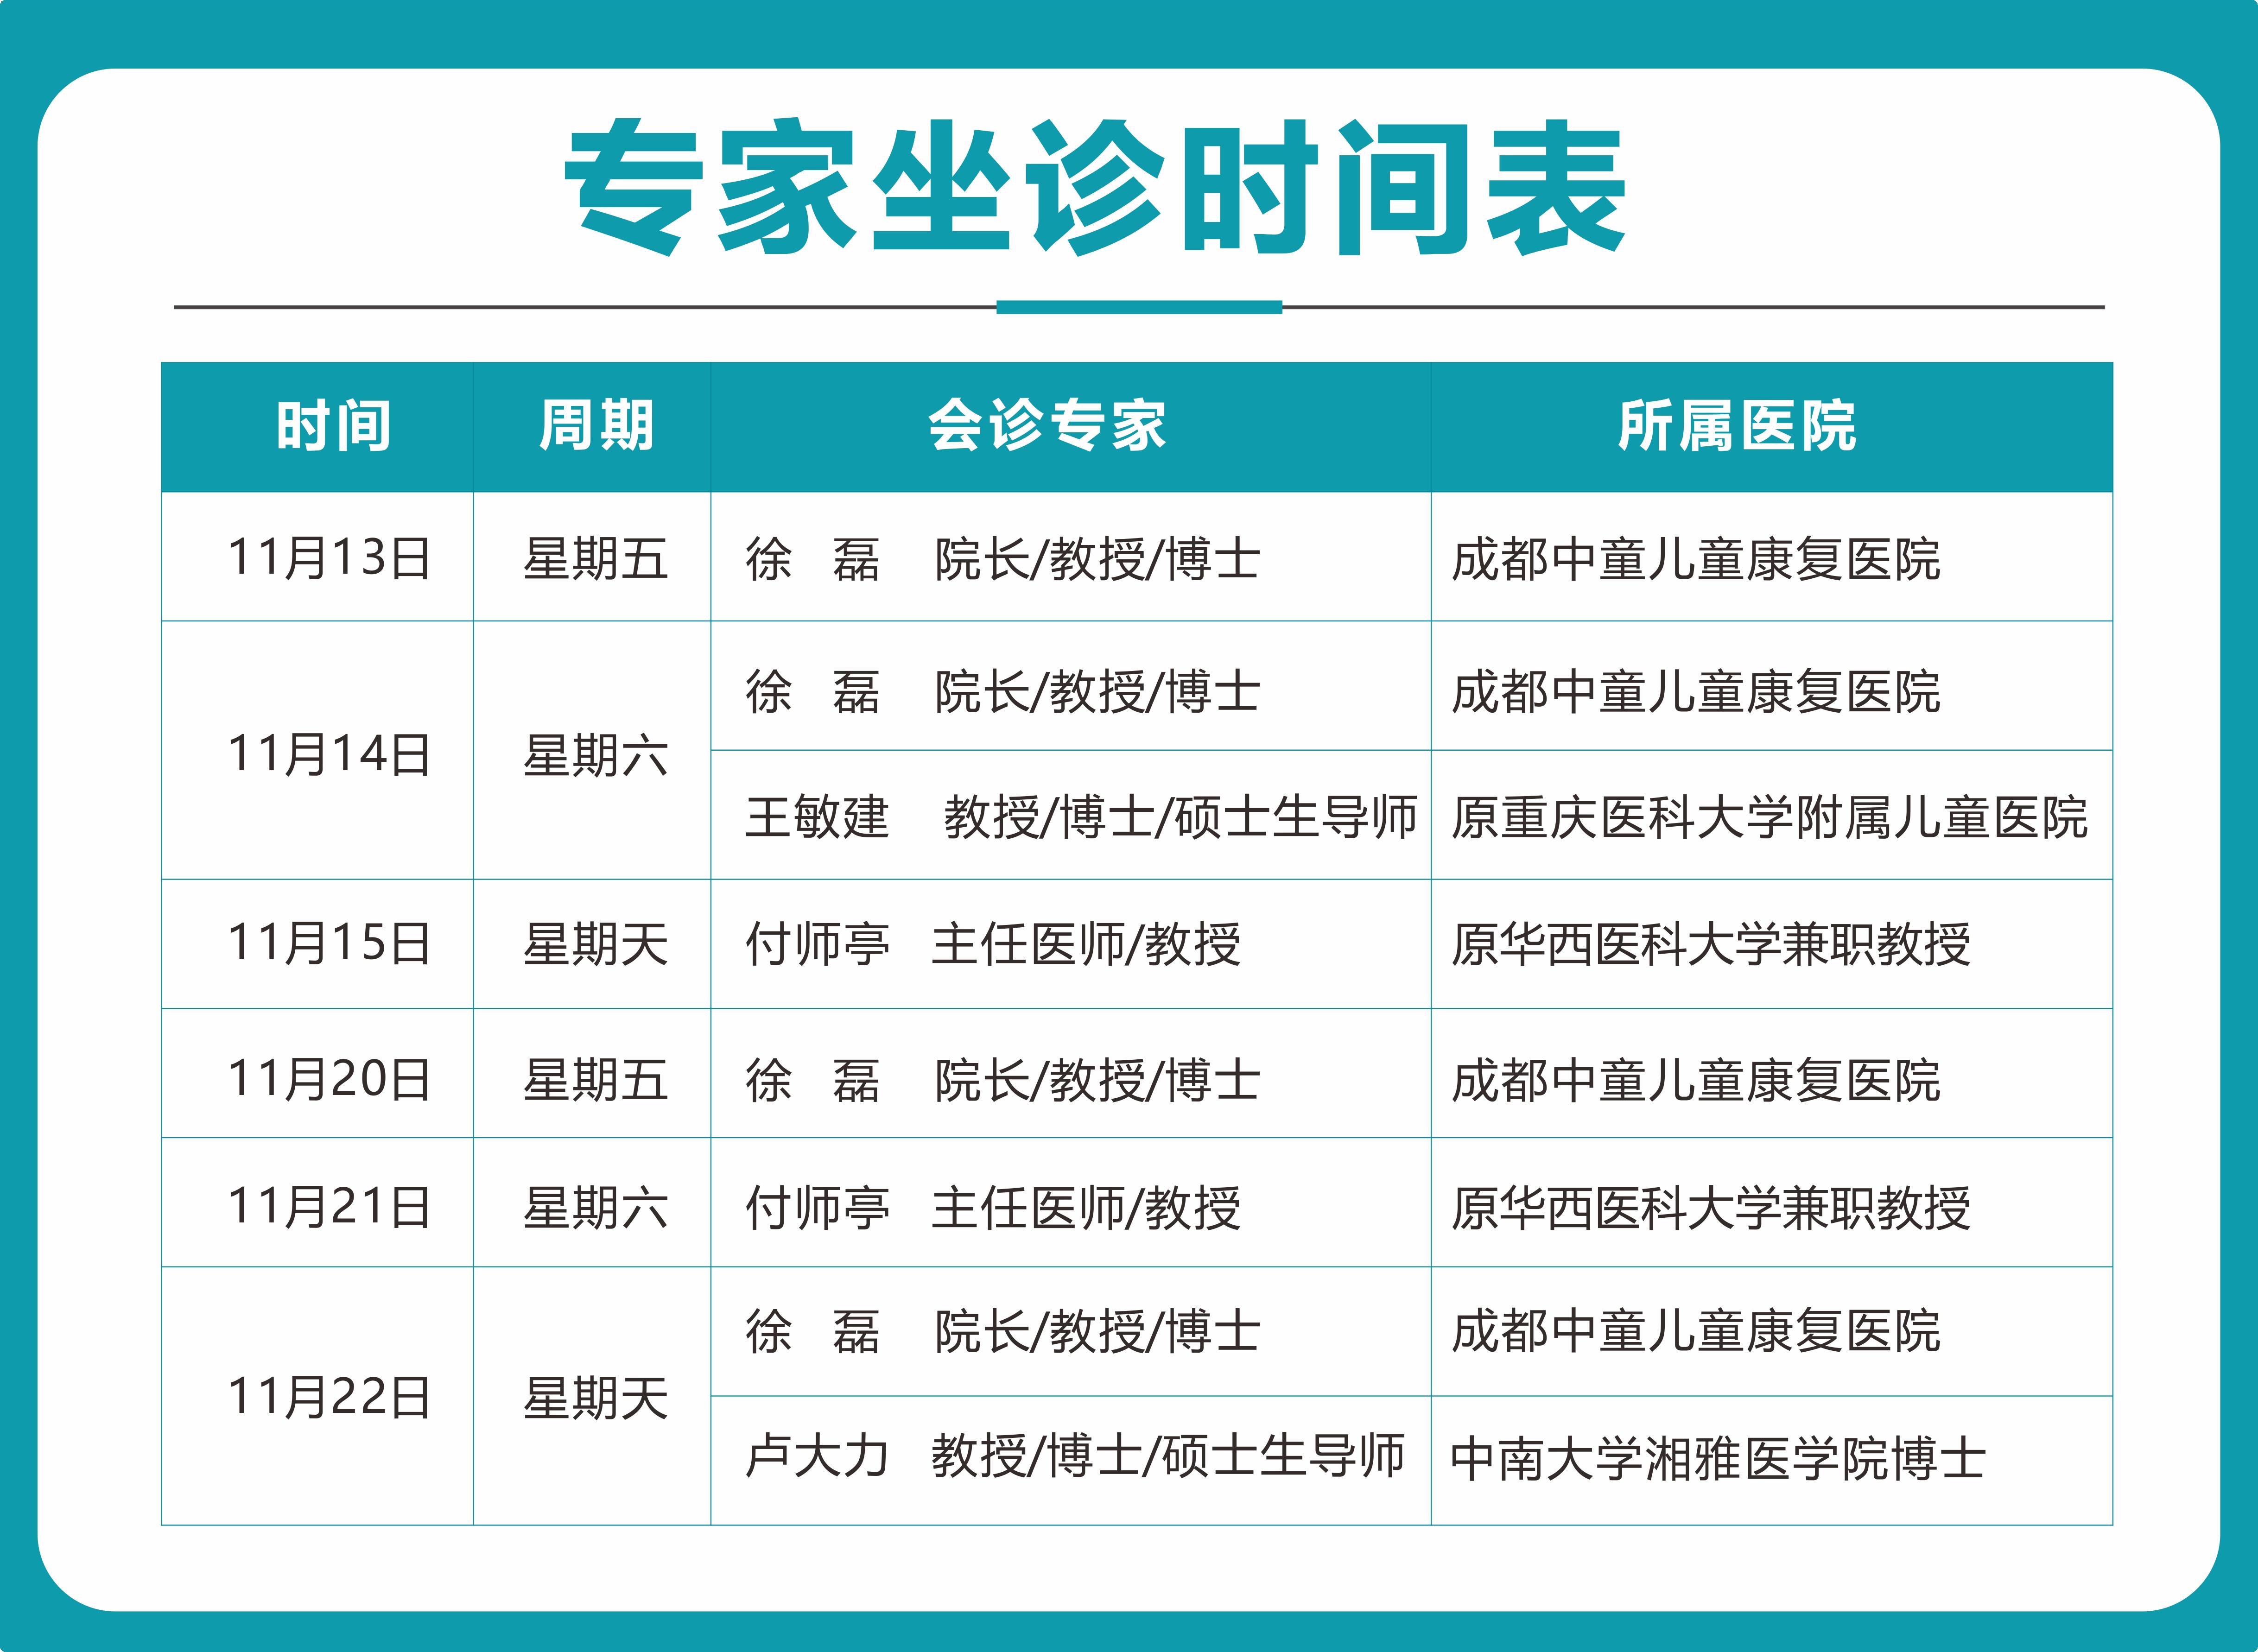 成都中童儿童康复医院专家坐诊时间表